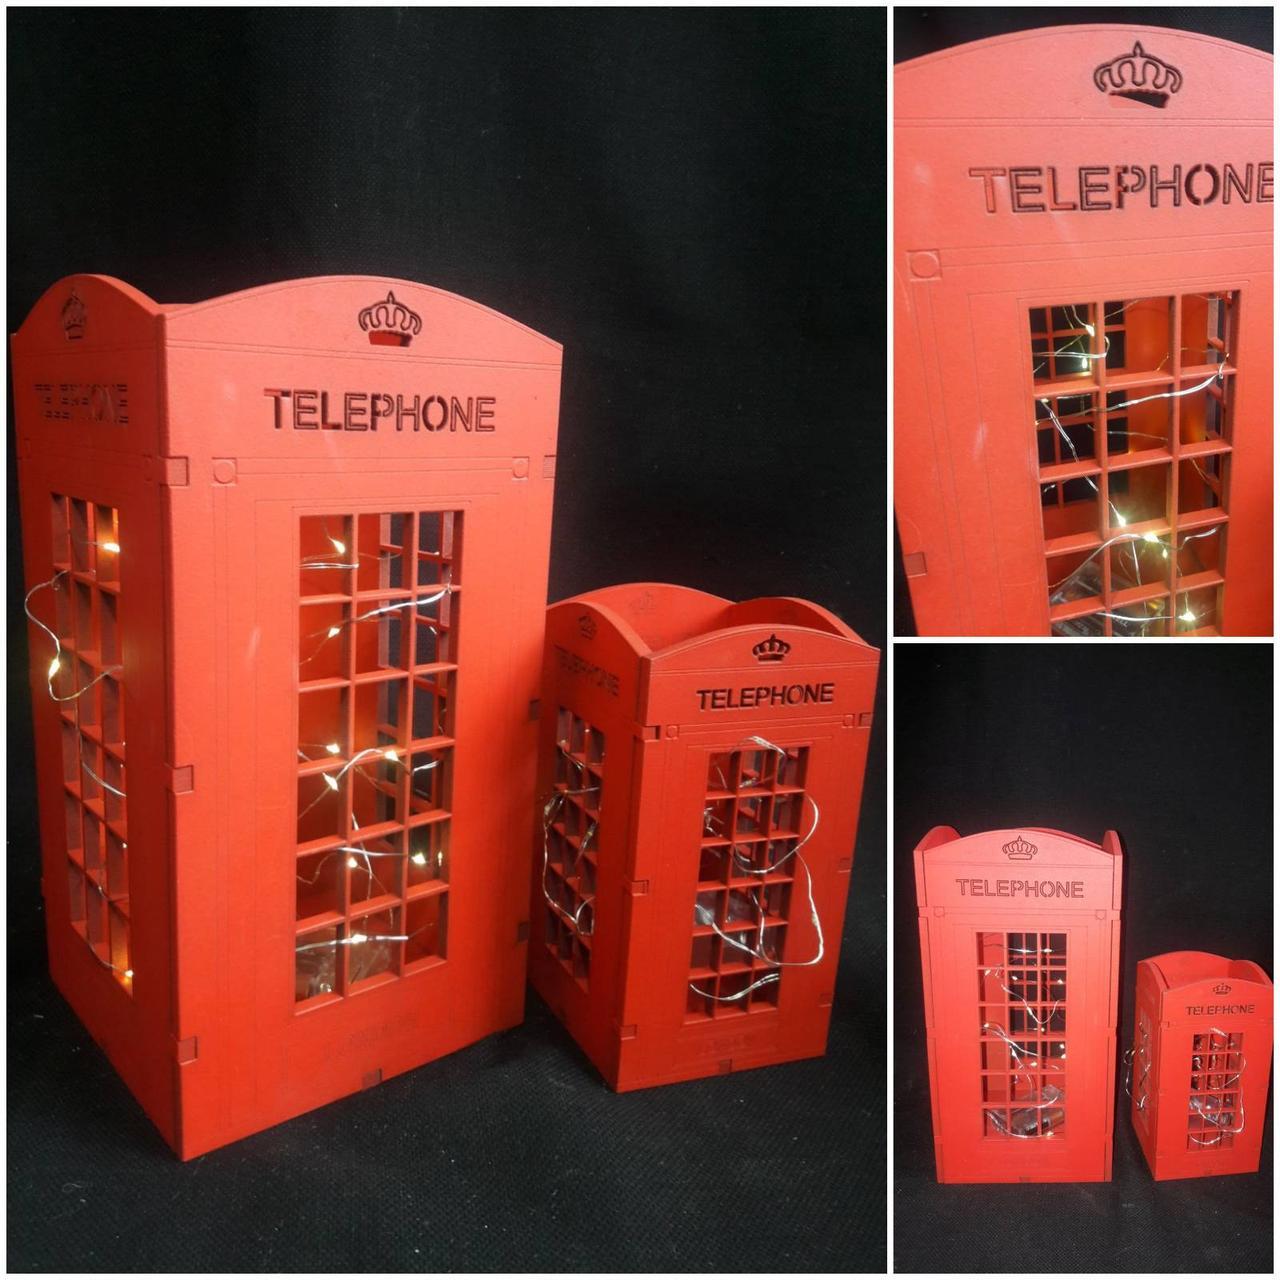 Телефонная будка с ЛЕД подсветкой, дерево, выс. 30 см., 320/290 (цена за 1 шт. + 30 гр.)